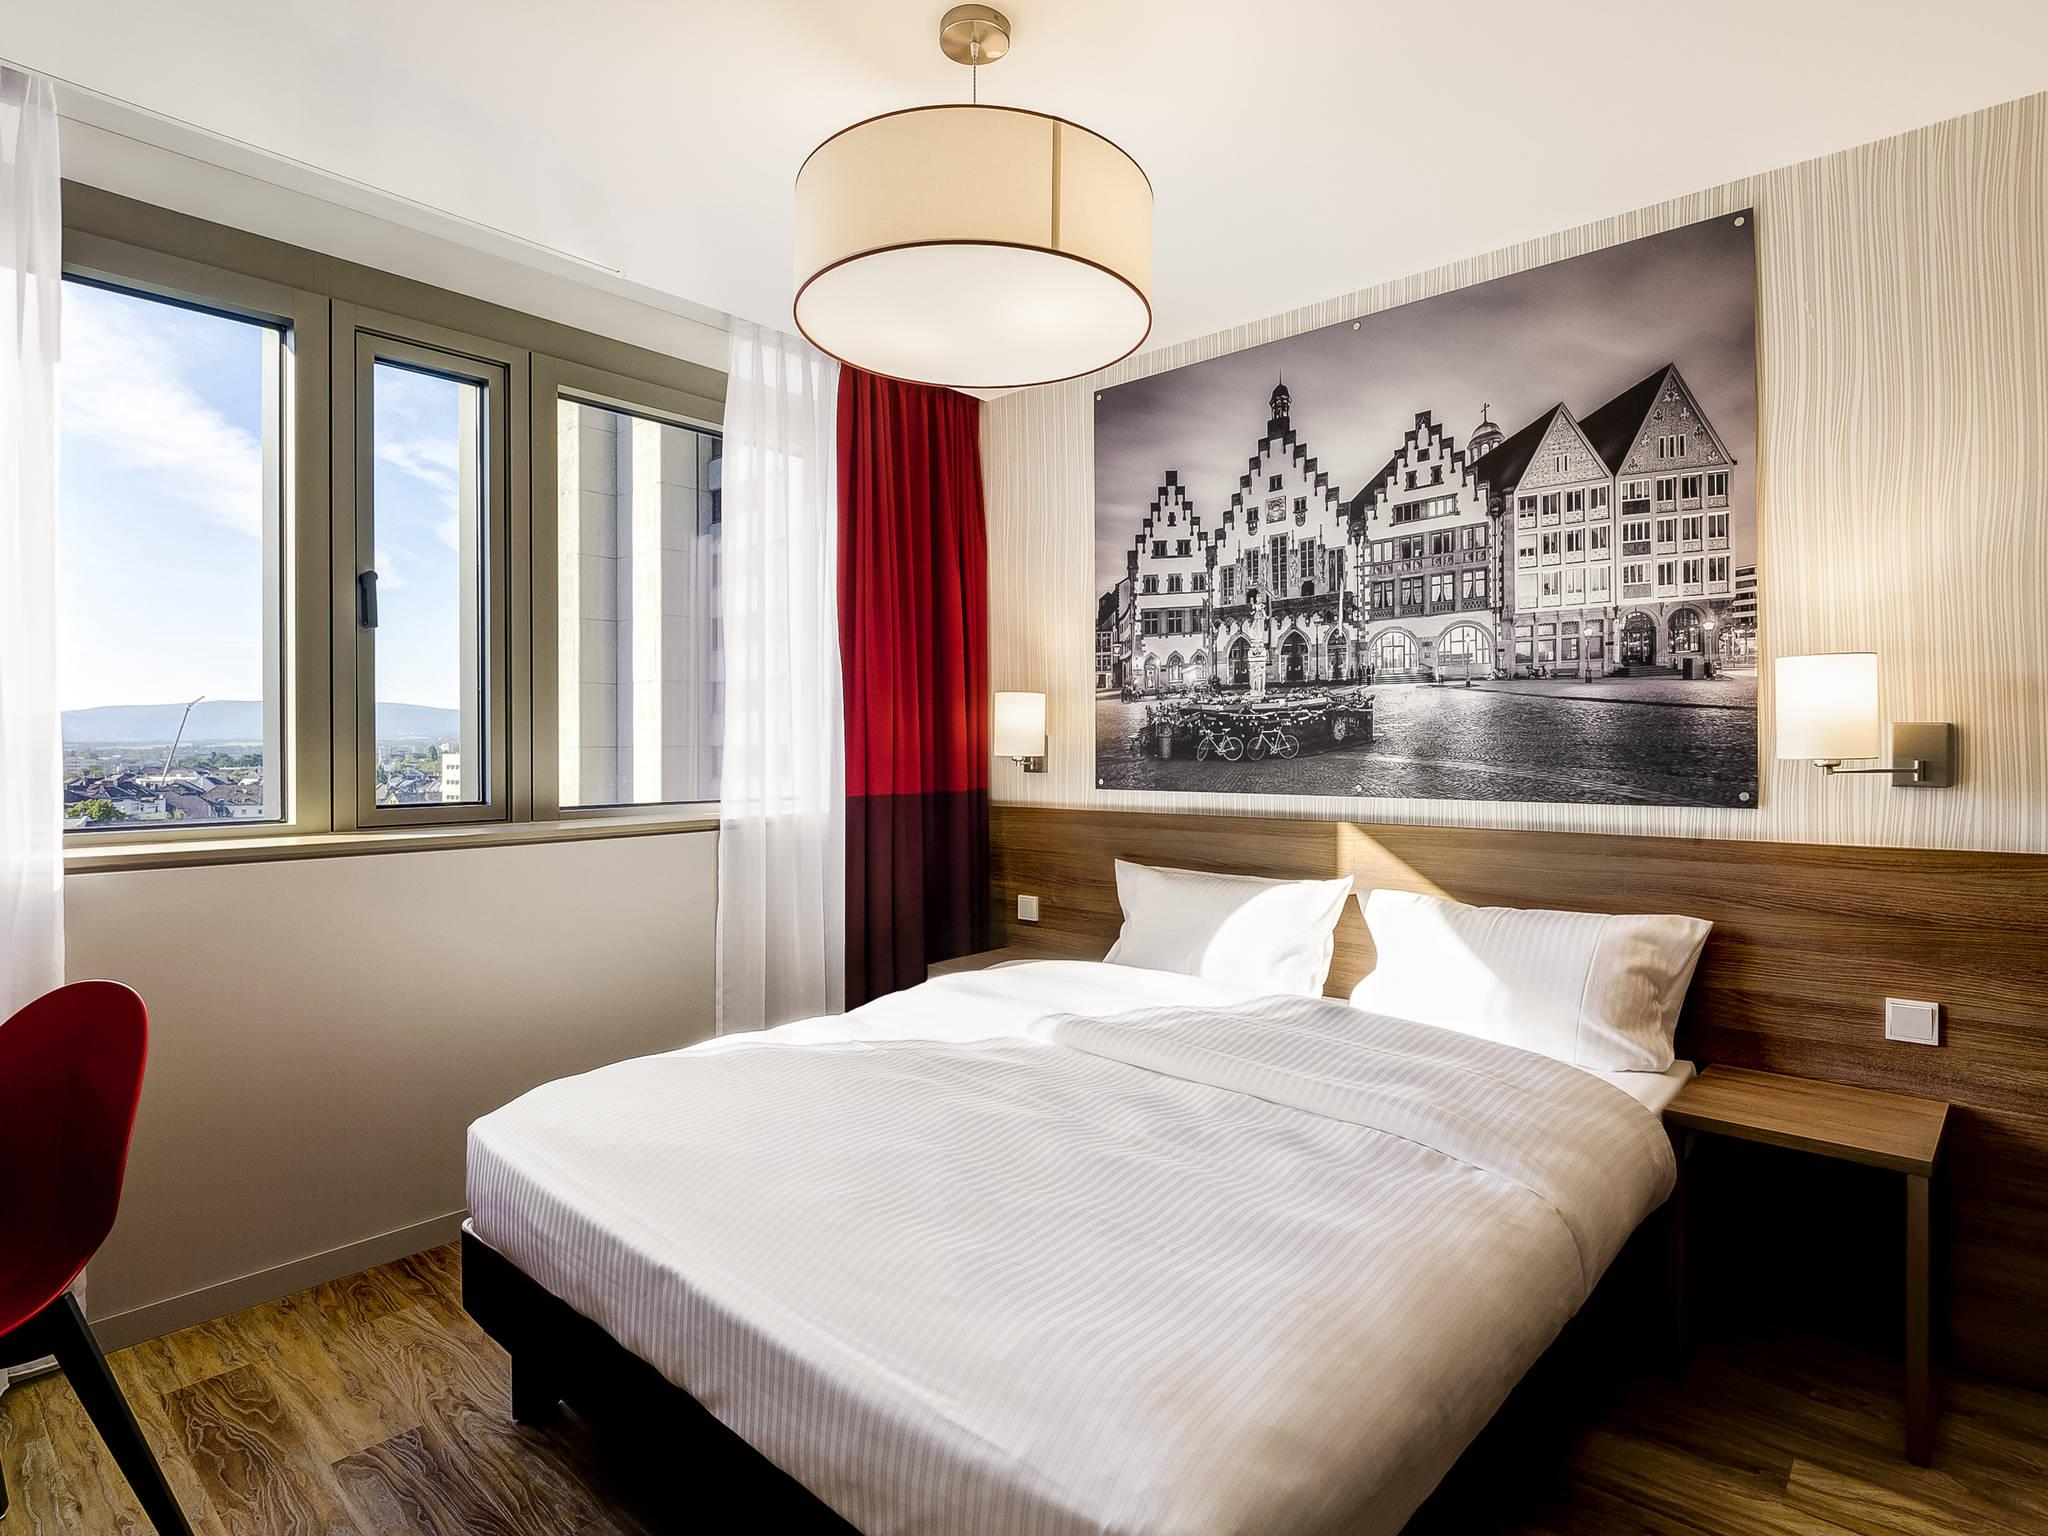 فندق - الشقق الفندقية Adagio فرانكفورت سيتي ميسي